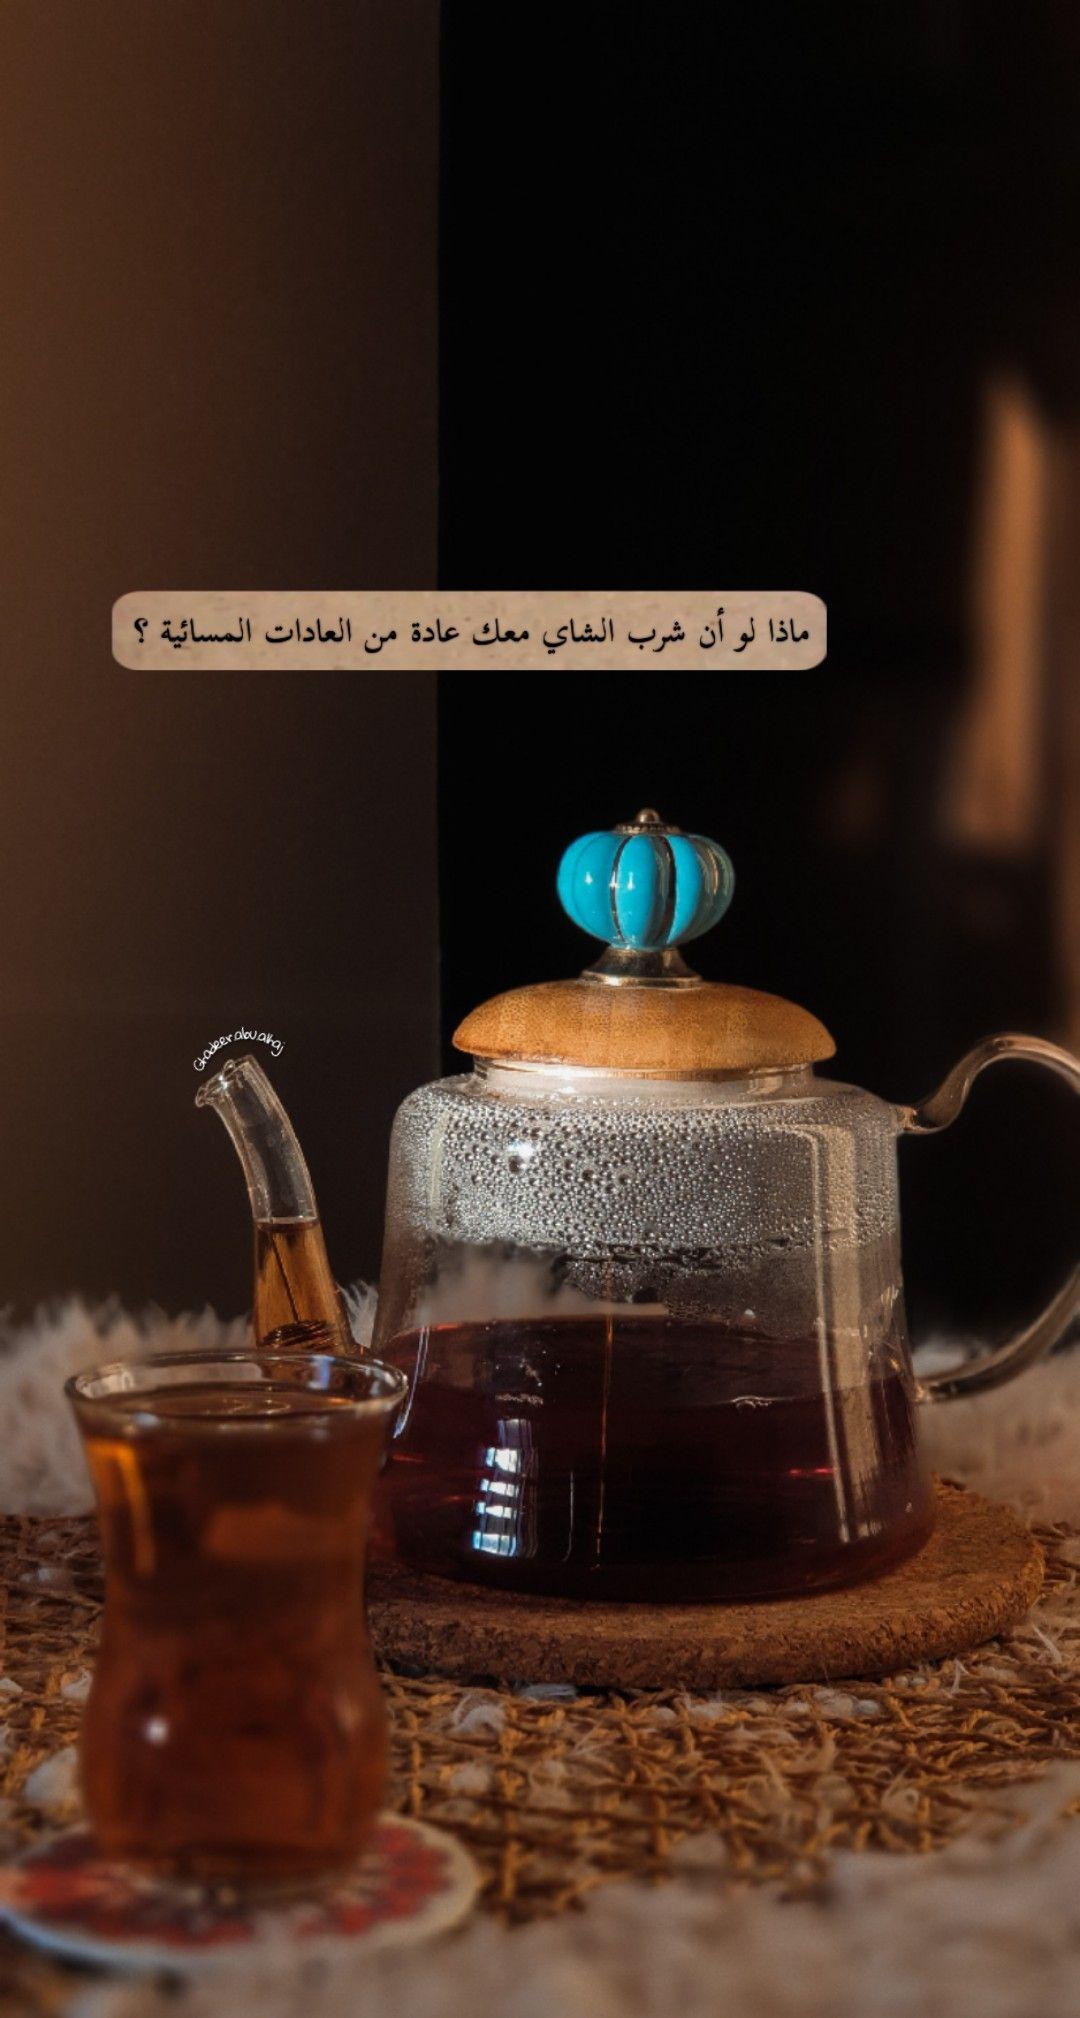 مساء الخير Positive Notes Coffee